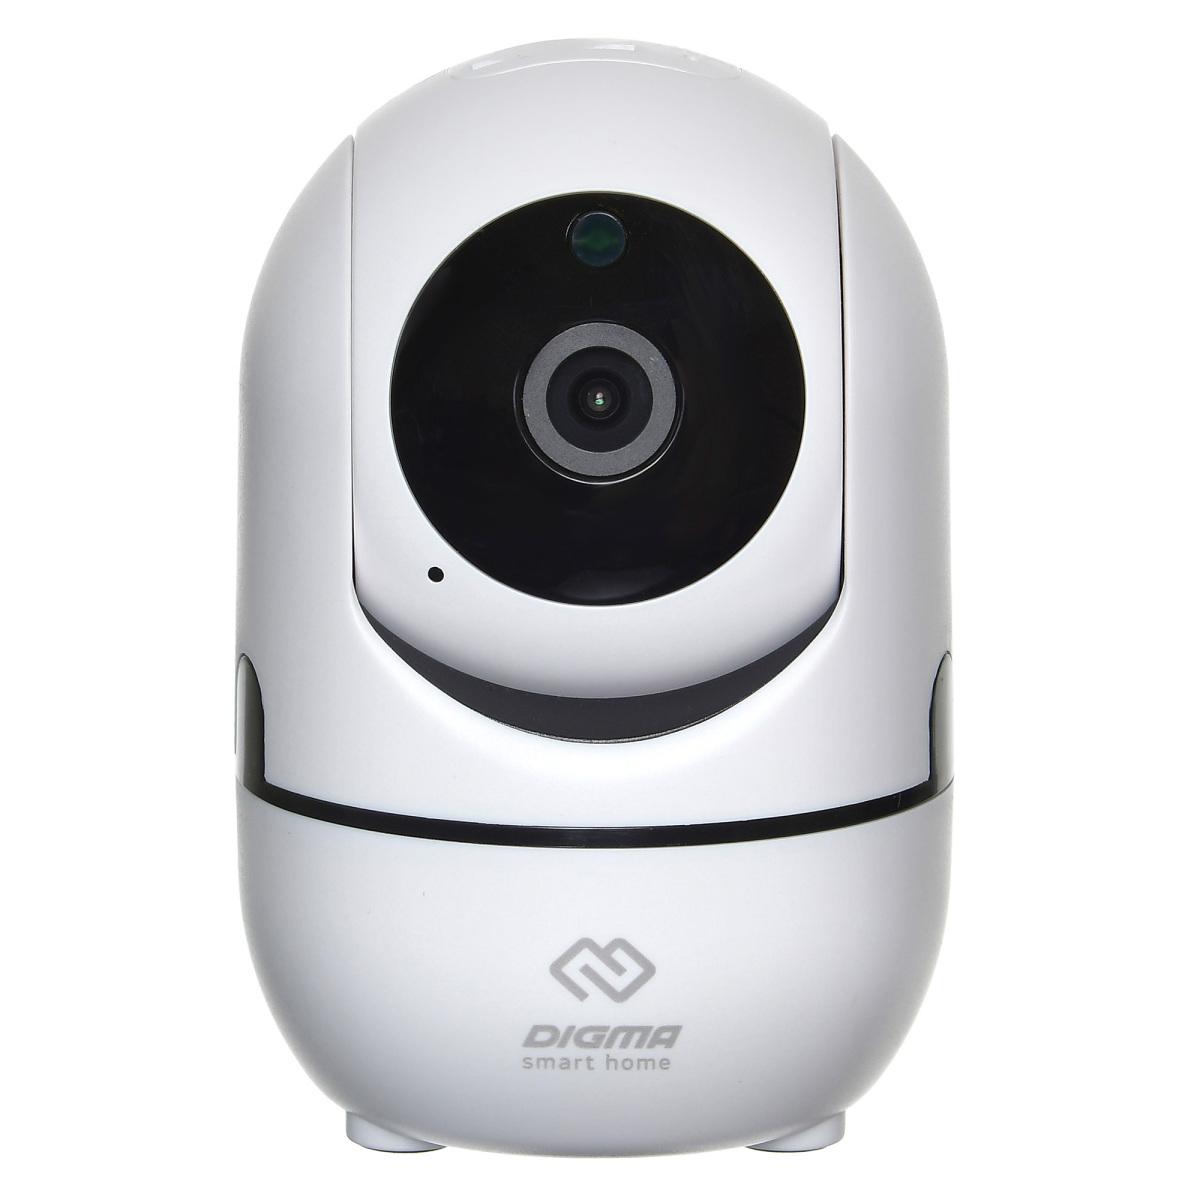 Поворотная Wi-Fi-камера DIGMA DIGMA DiVision 201 поворотная ip камера digma division 201 белый